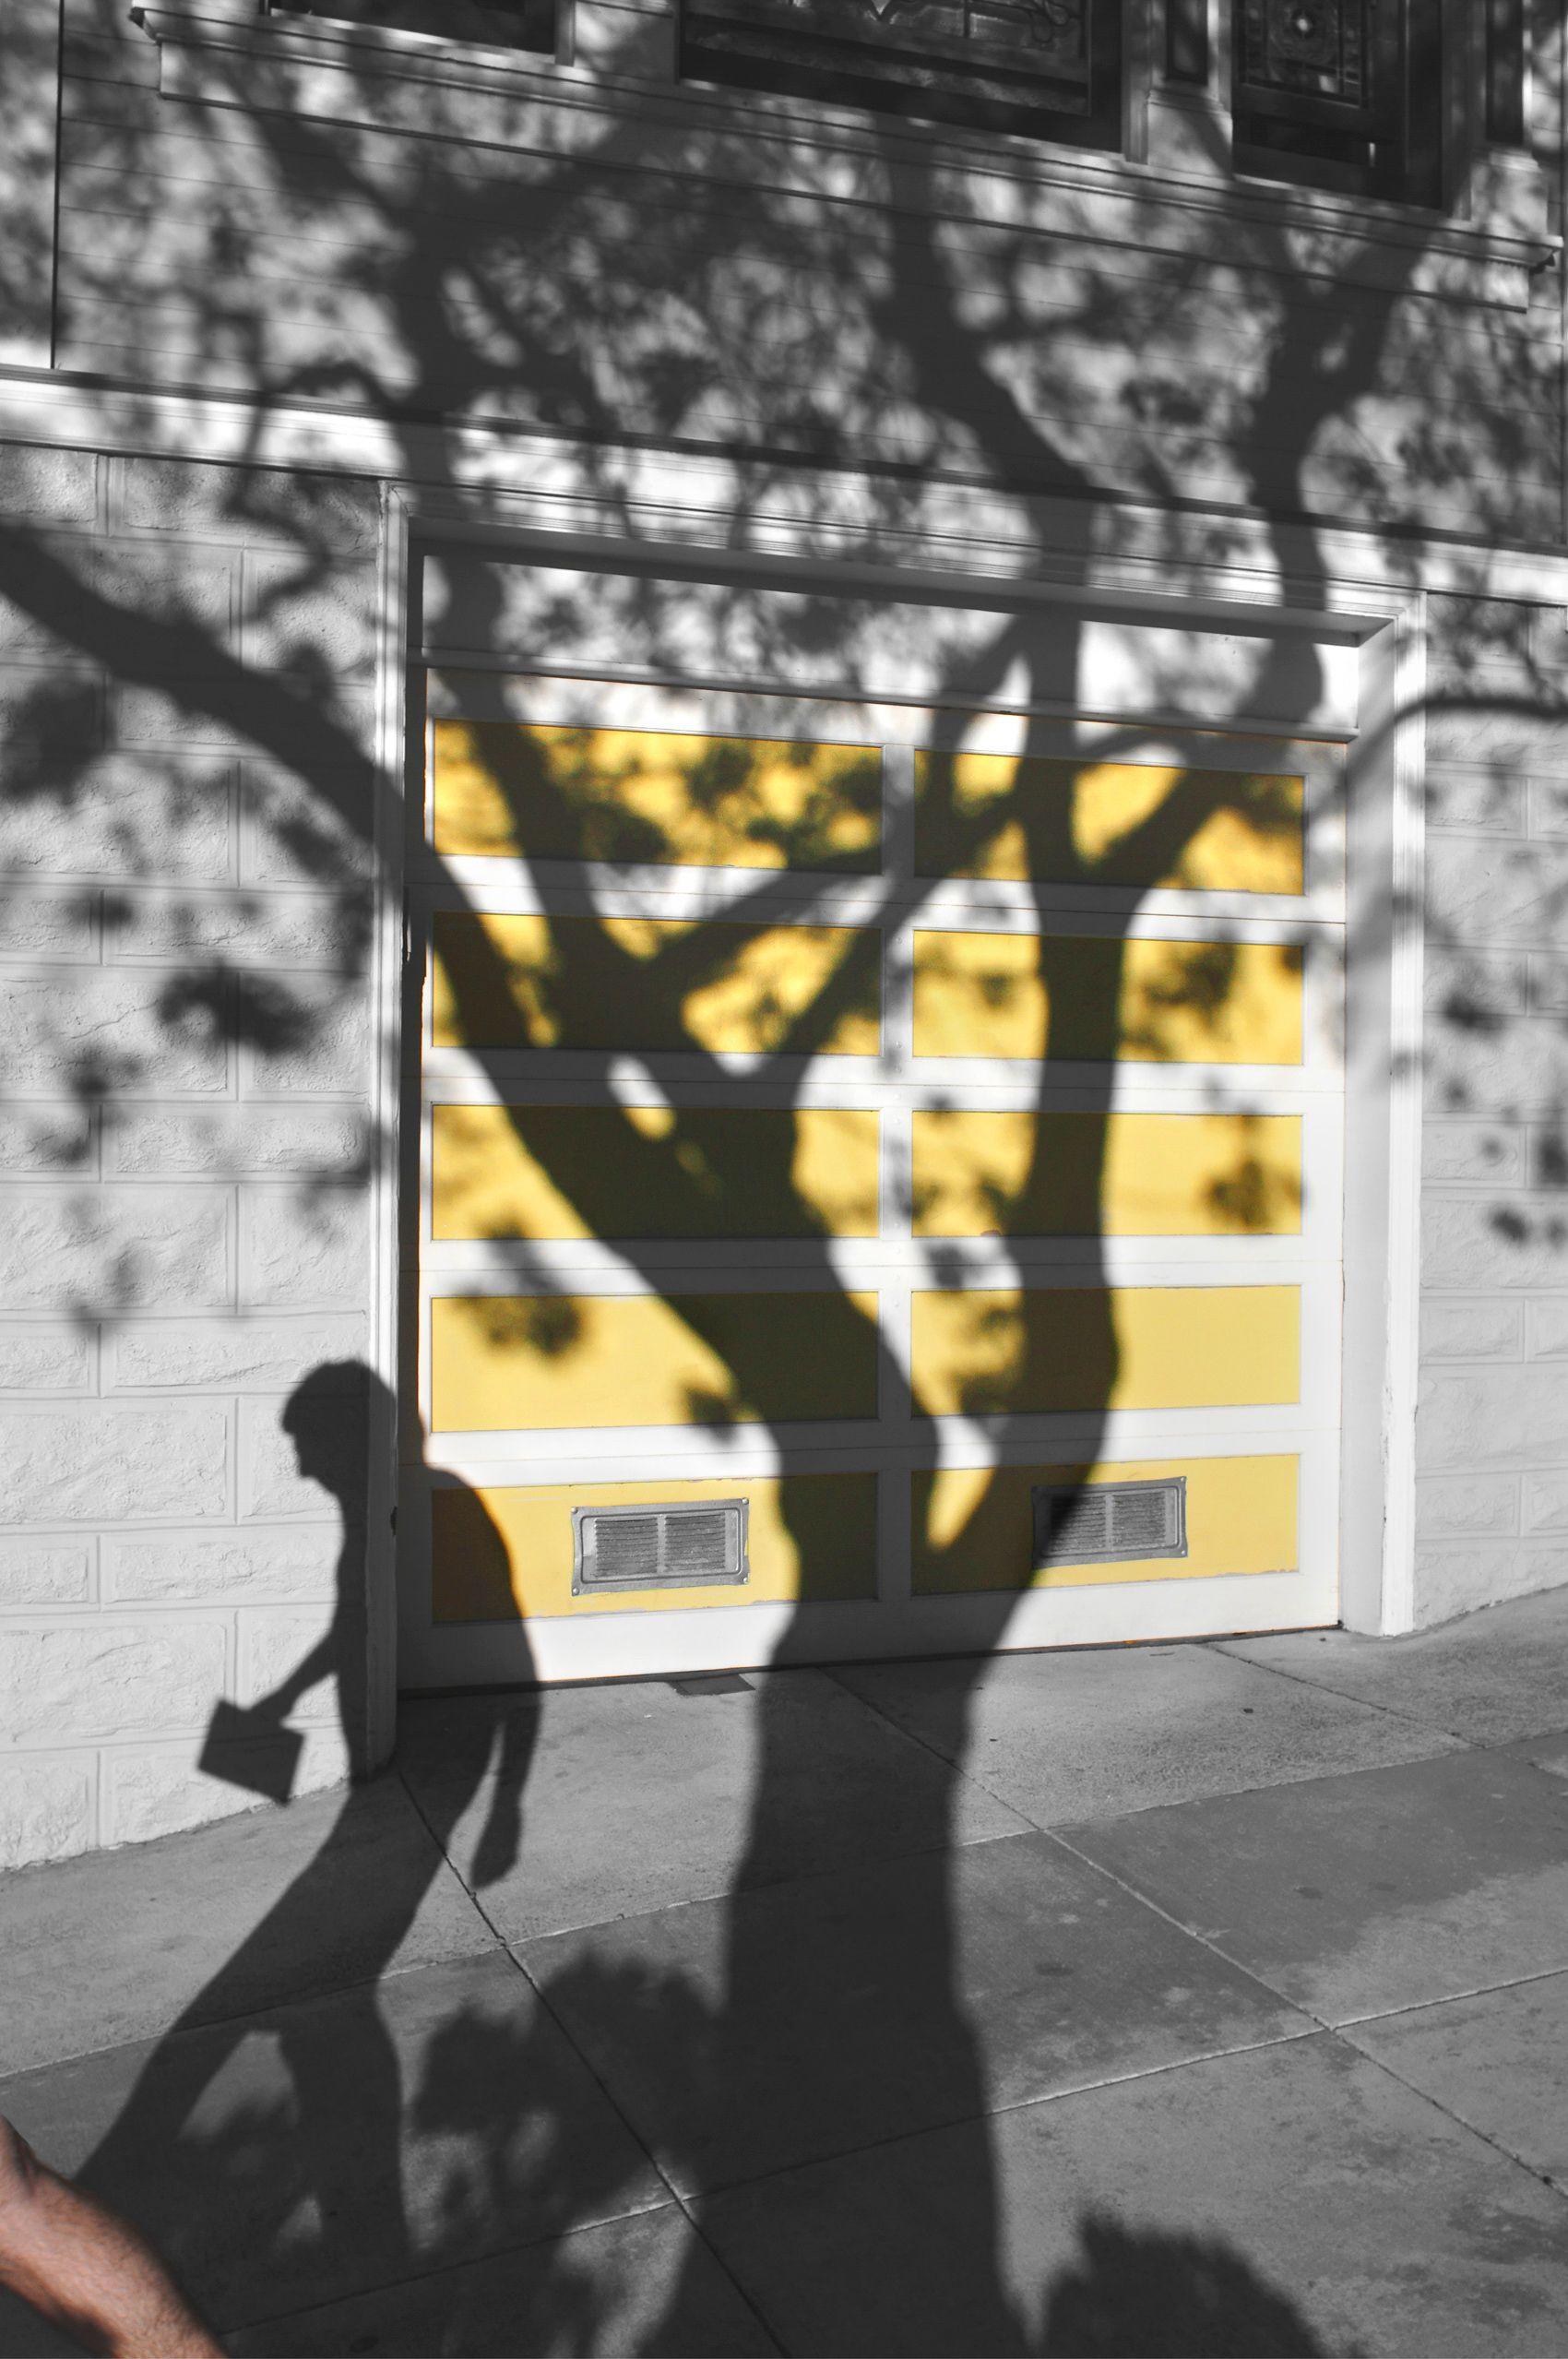 Dolores Shadow, San Francisco